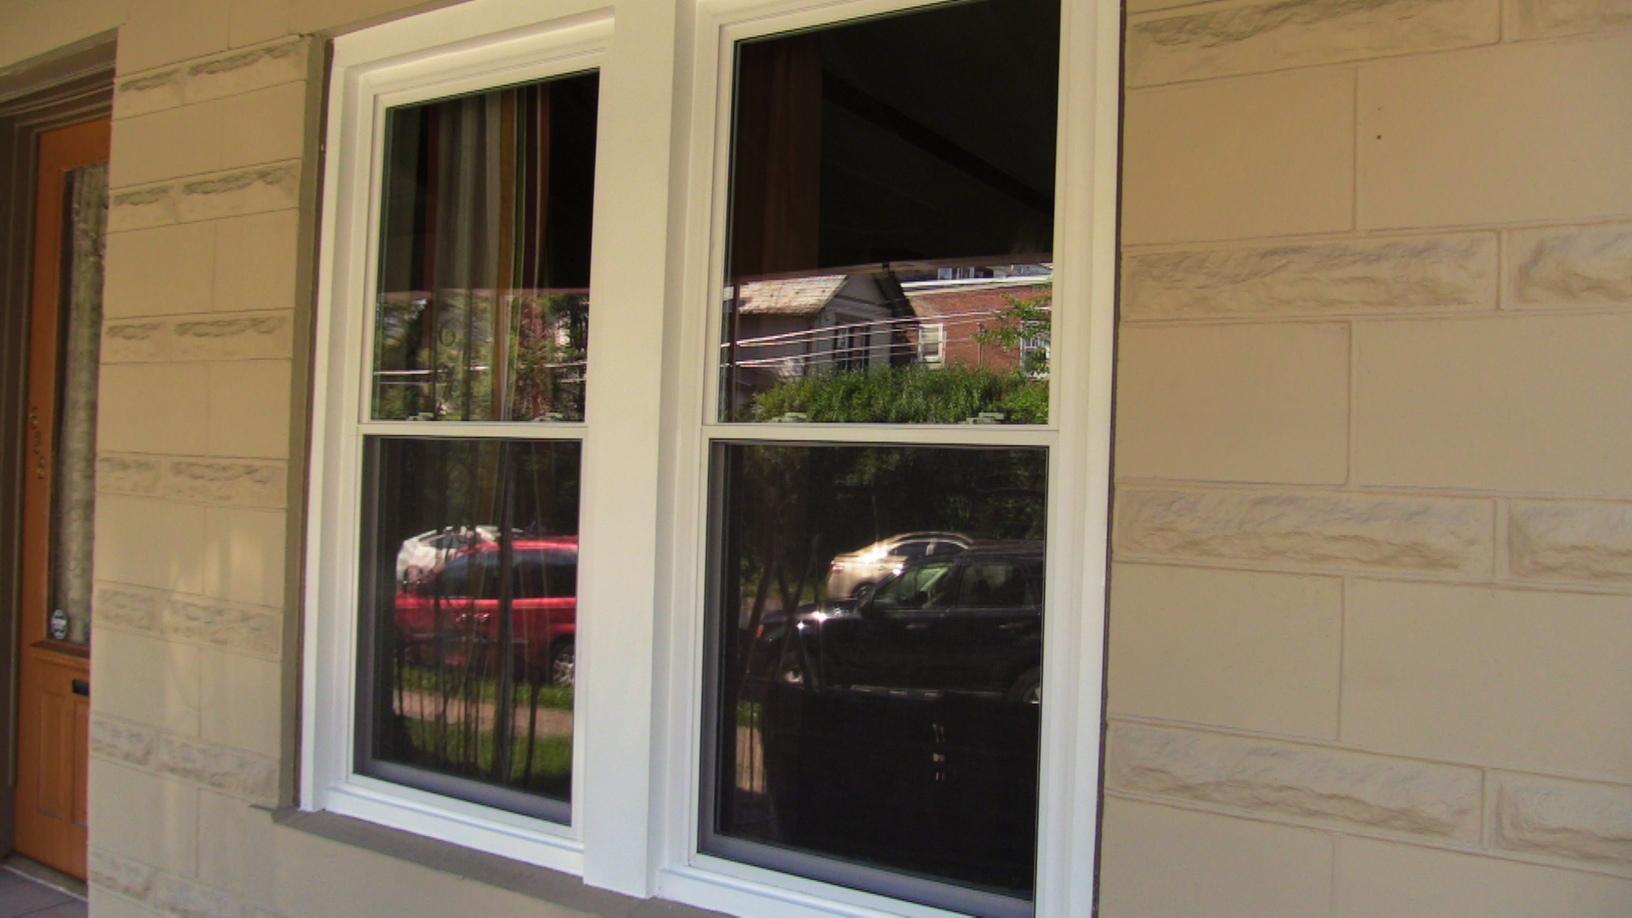 New Window Renovation in Allentown, PA